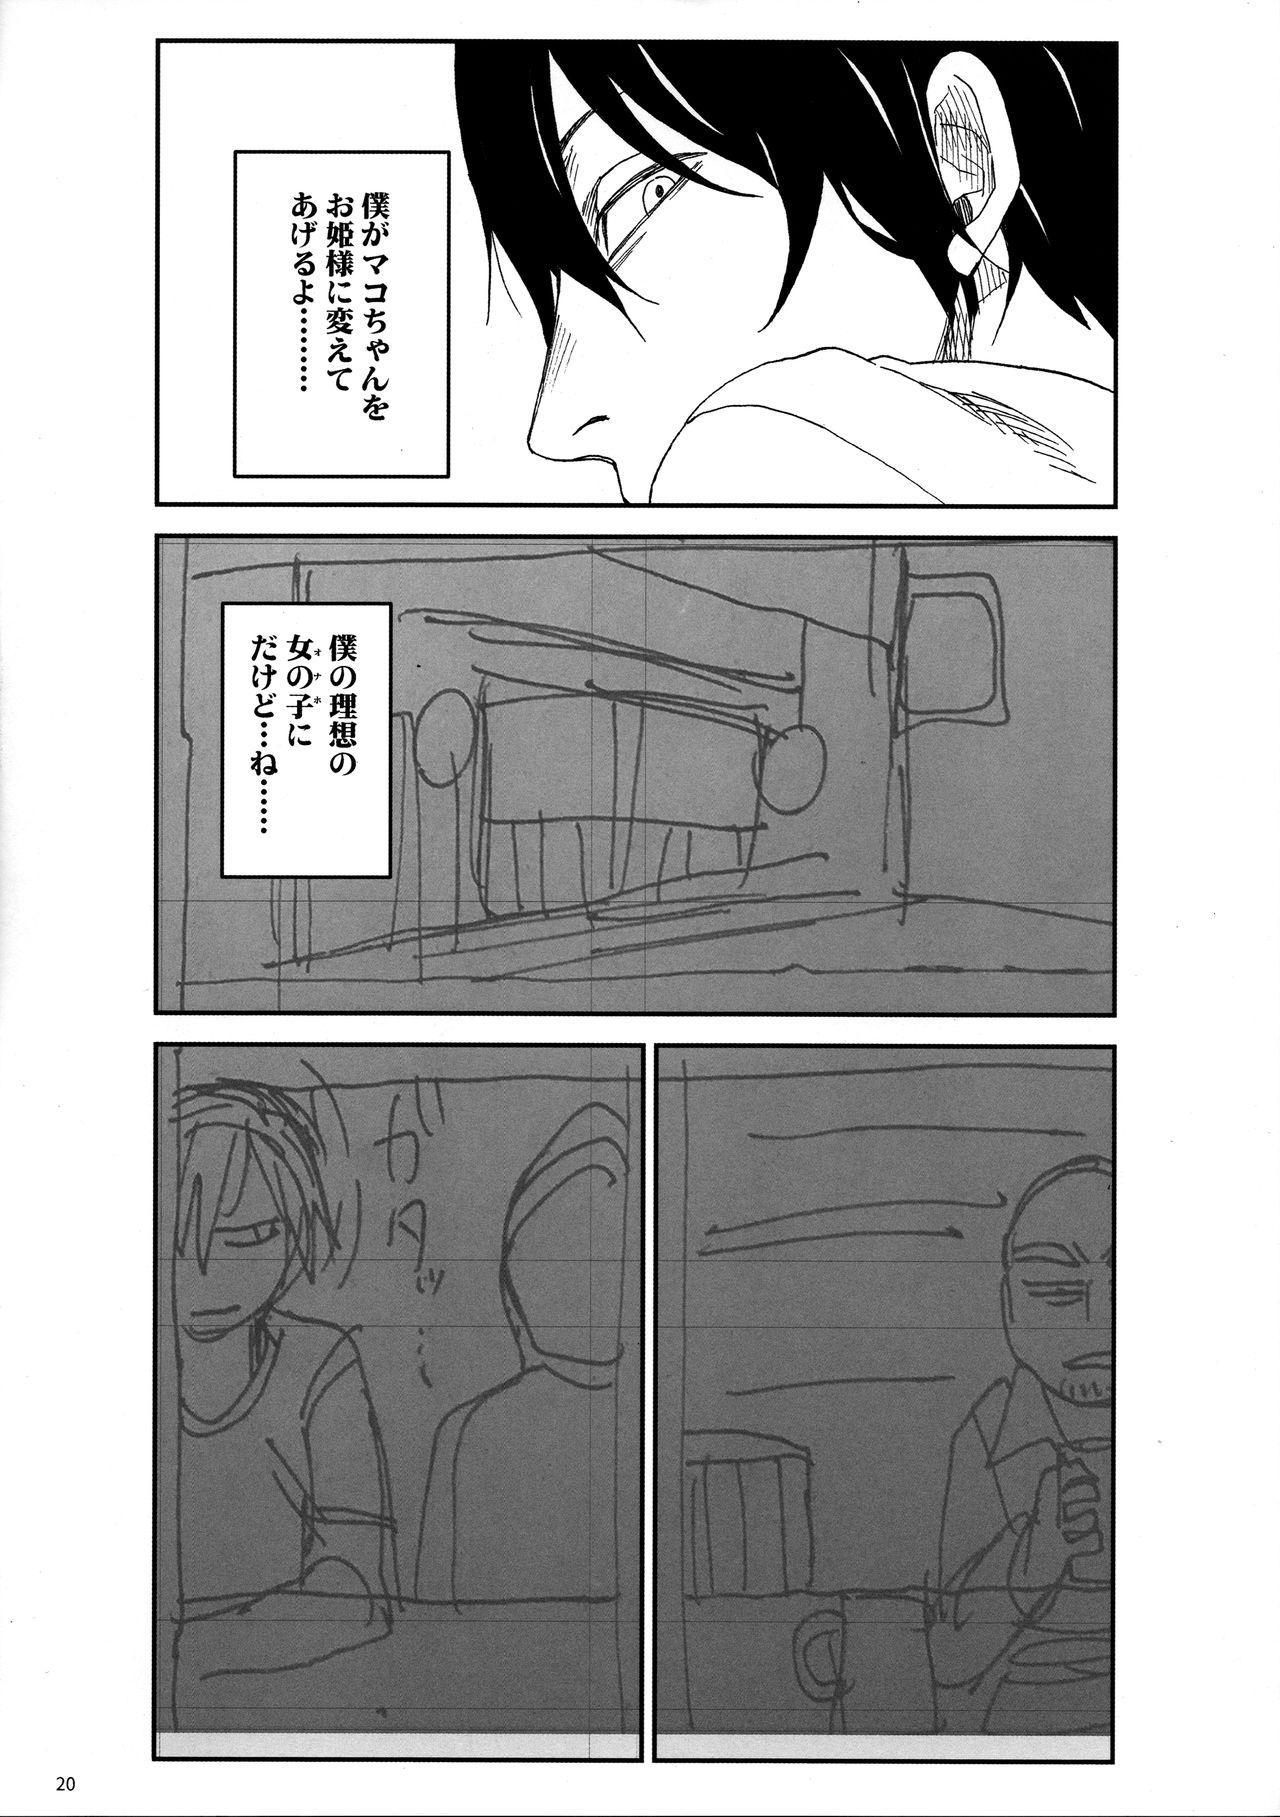 Tonari no Mako-chan Vol. 3 19